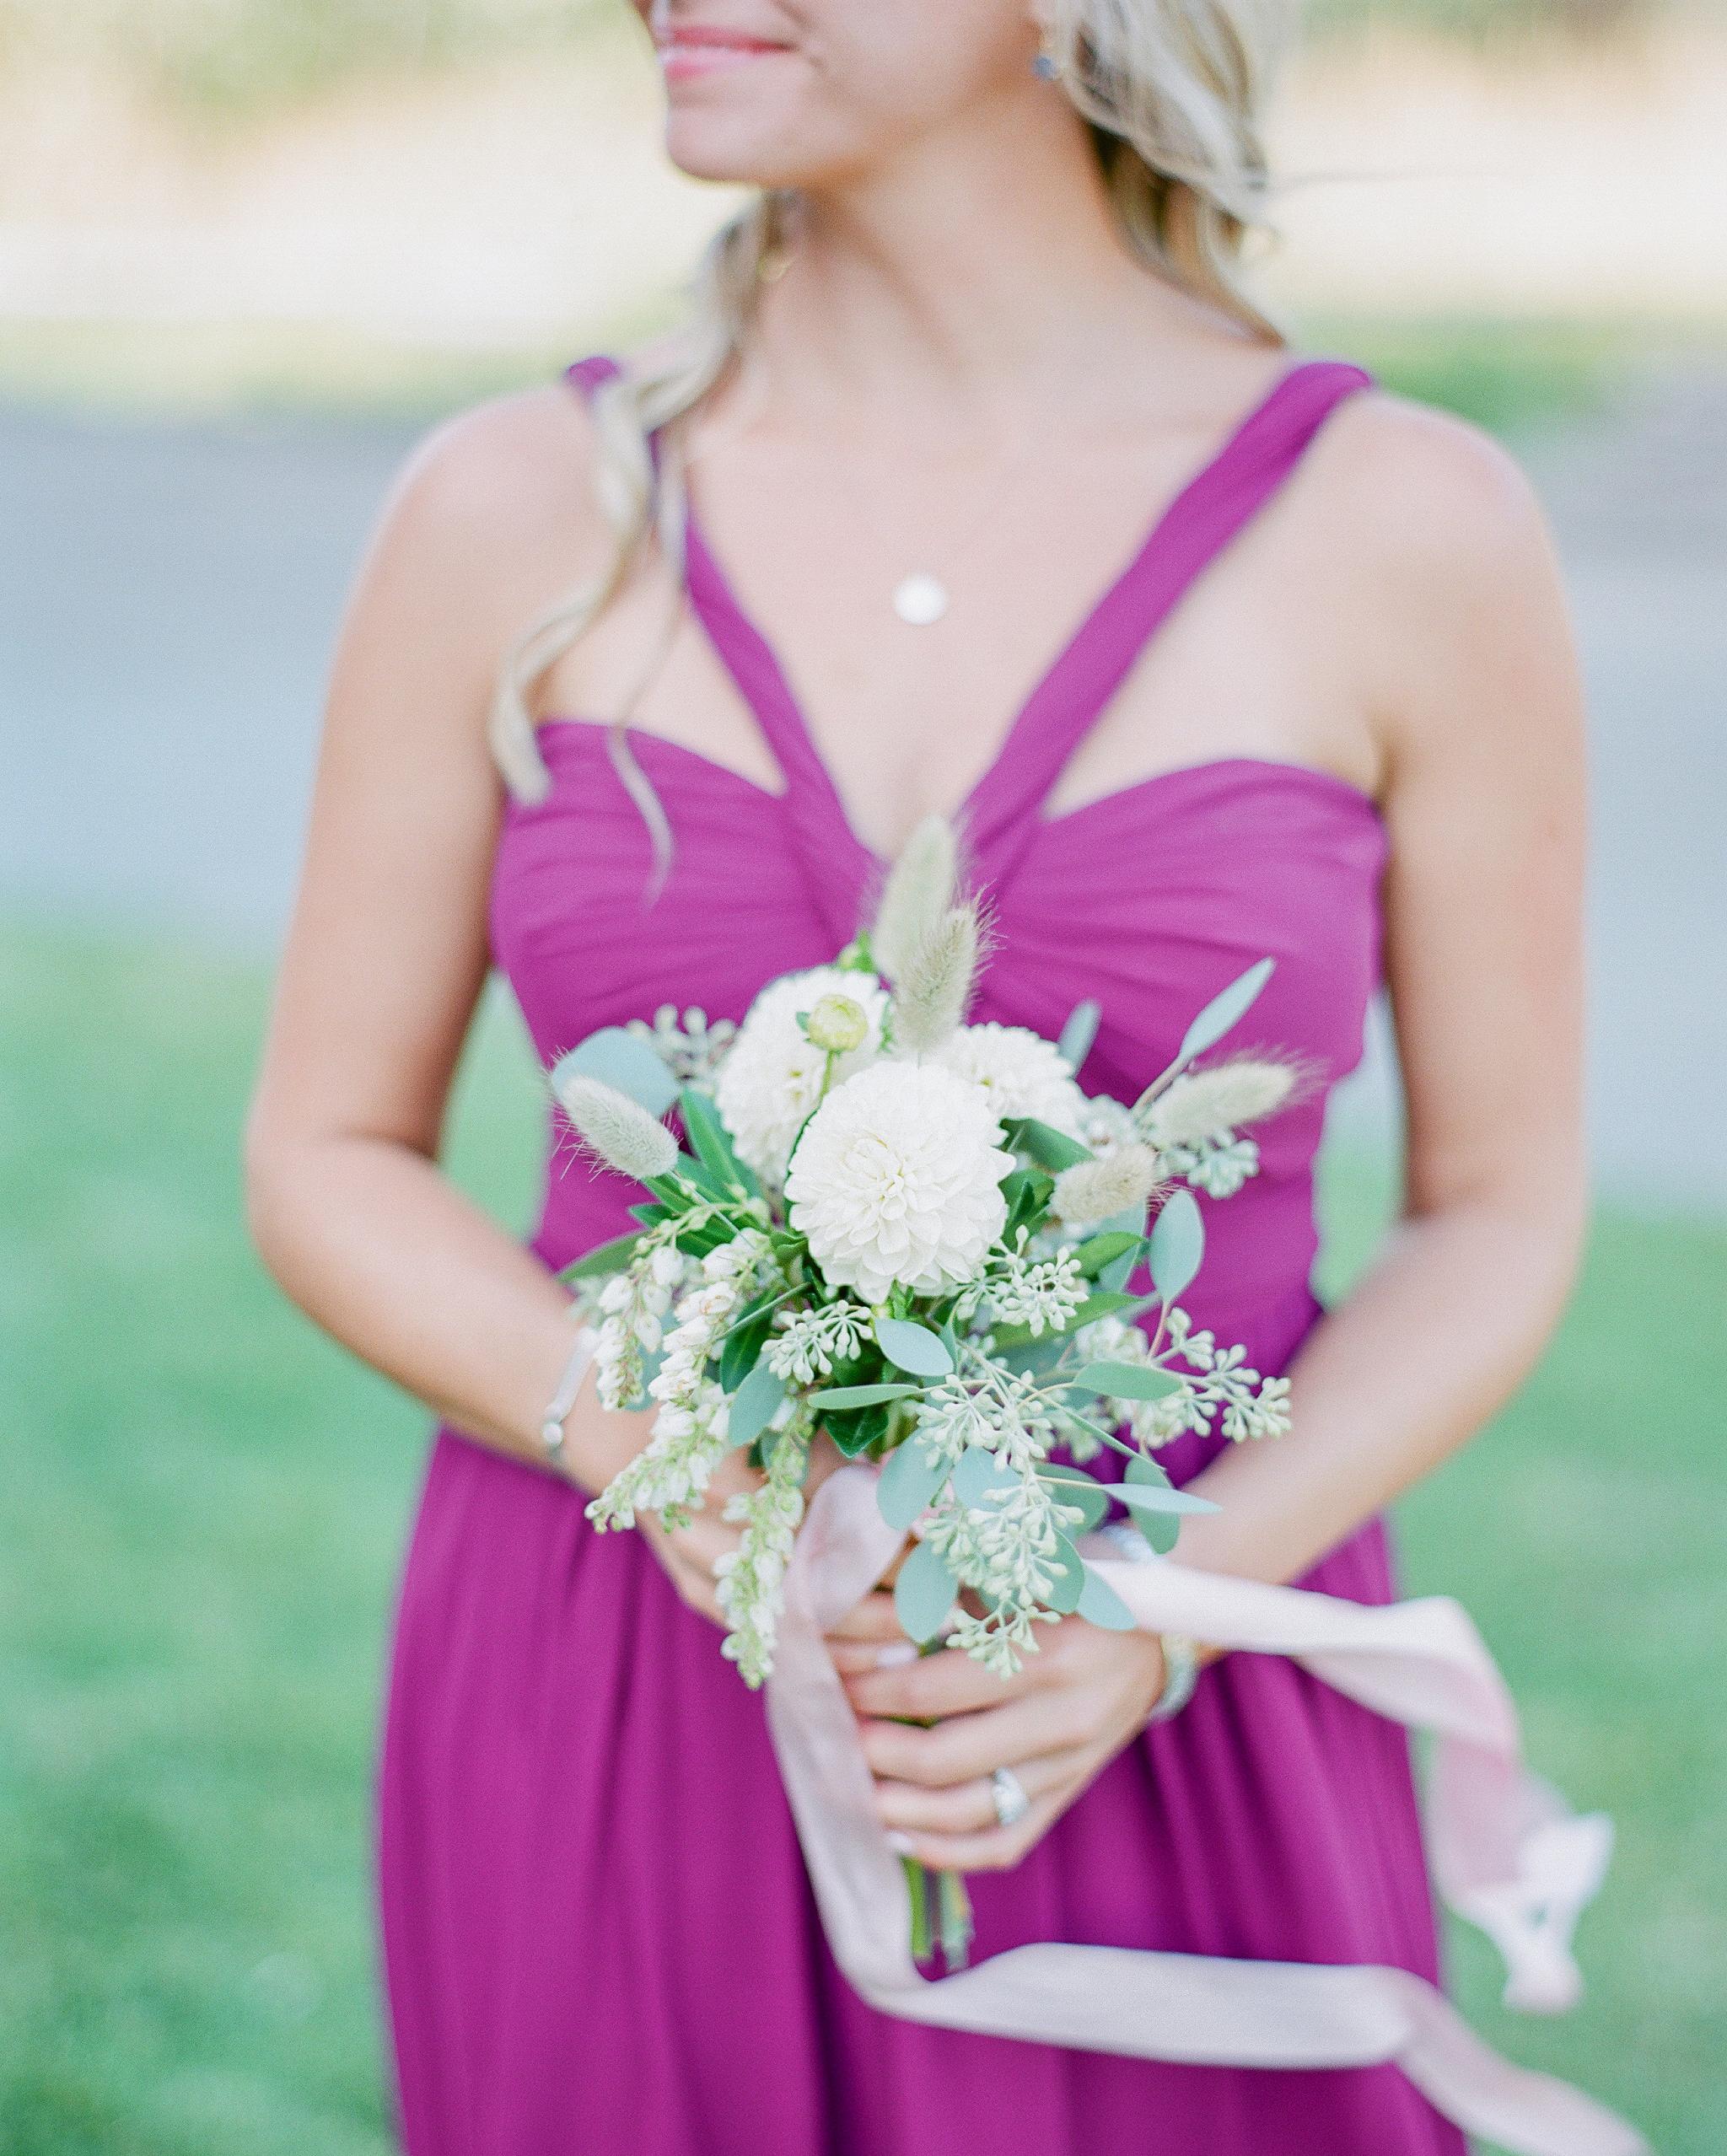 robin-kenny-wedding-bouquet-121-s112068-0715.jpg